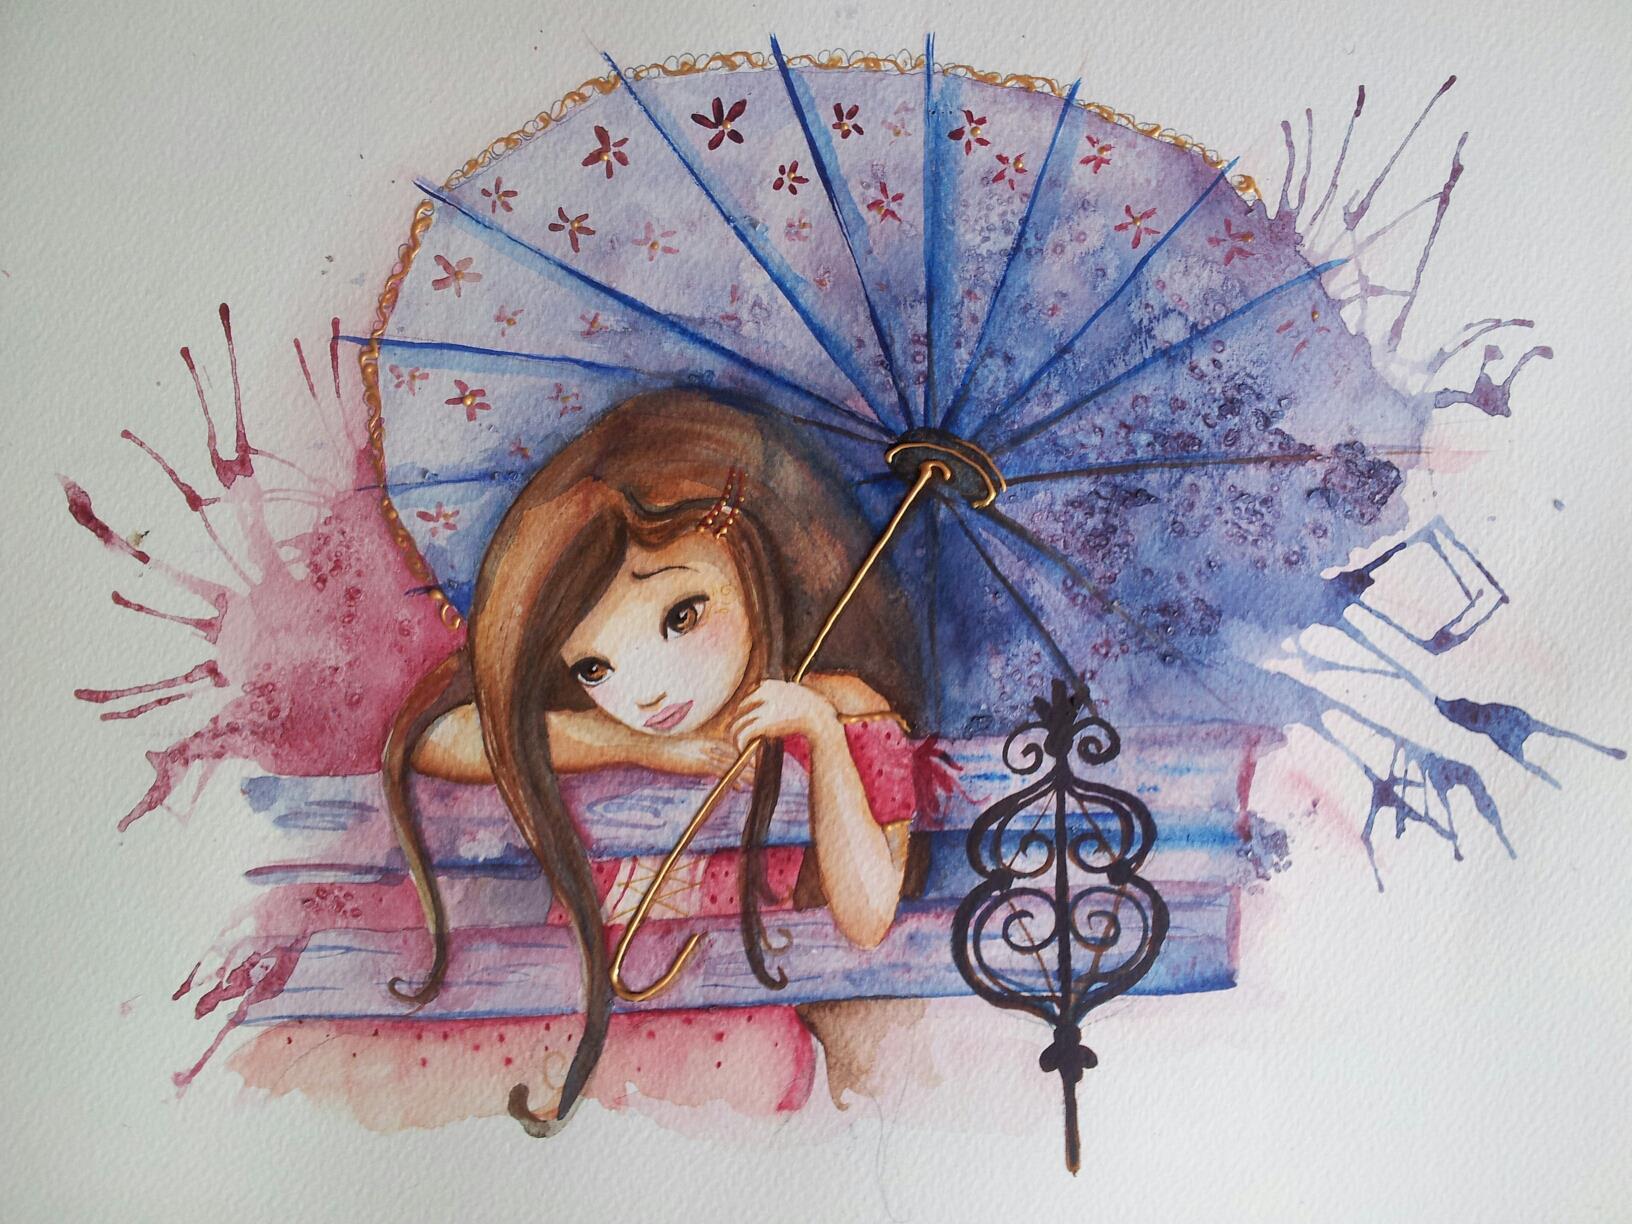 Portrait de femme - aquarelle sur papier épais - 42 x 29,7 cm - 50 €